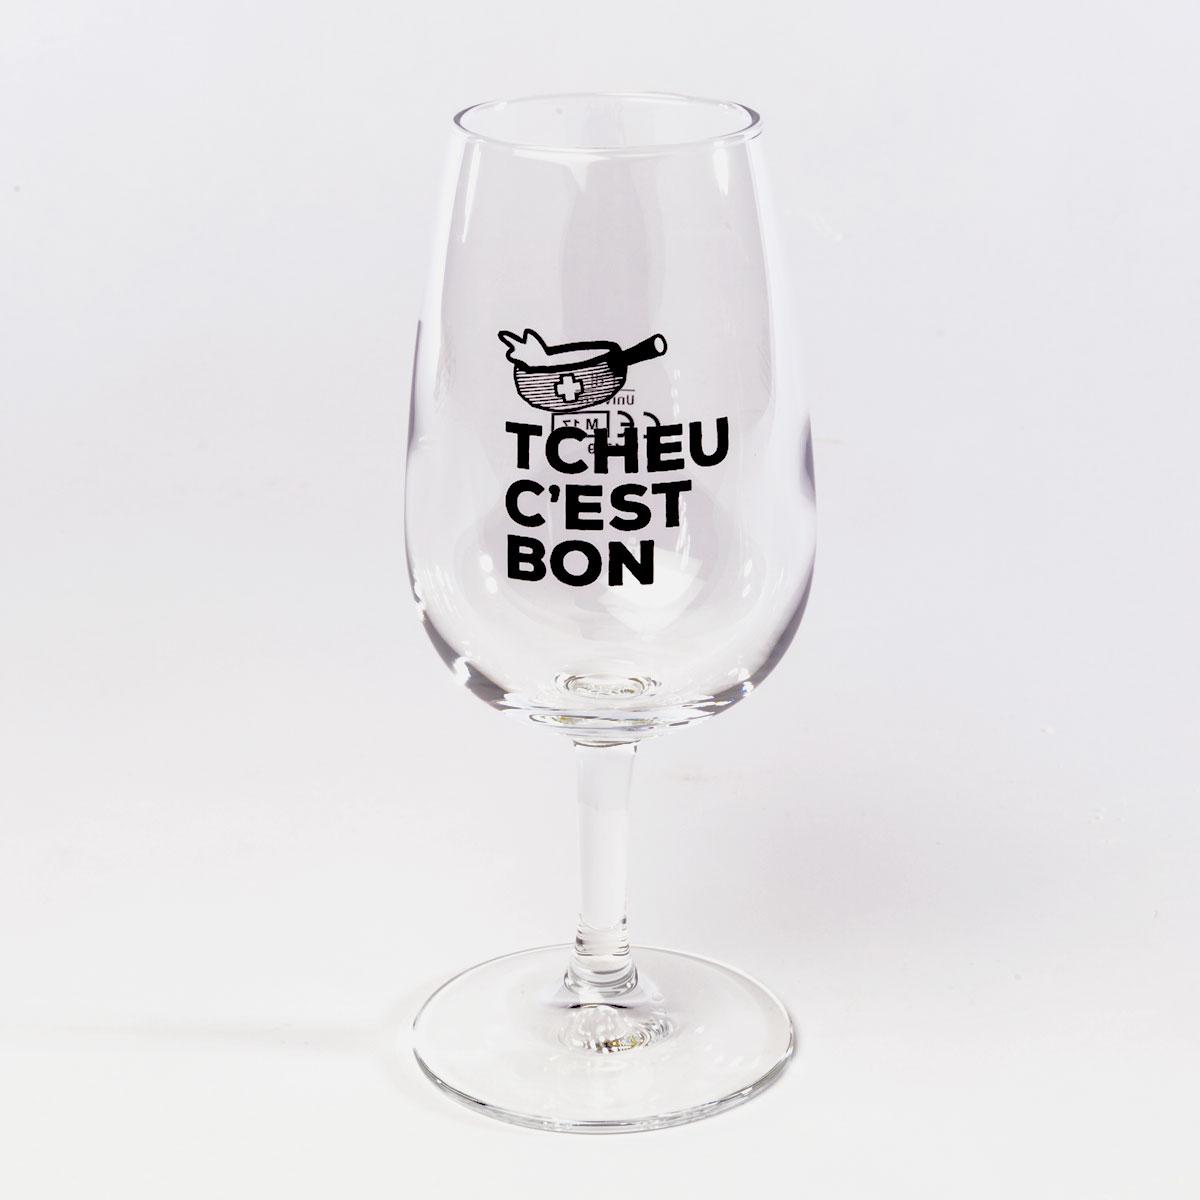 6 Bicchieri TCHEU C'EST BON